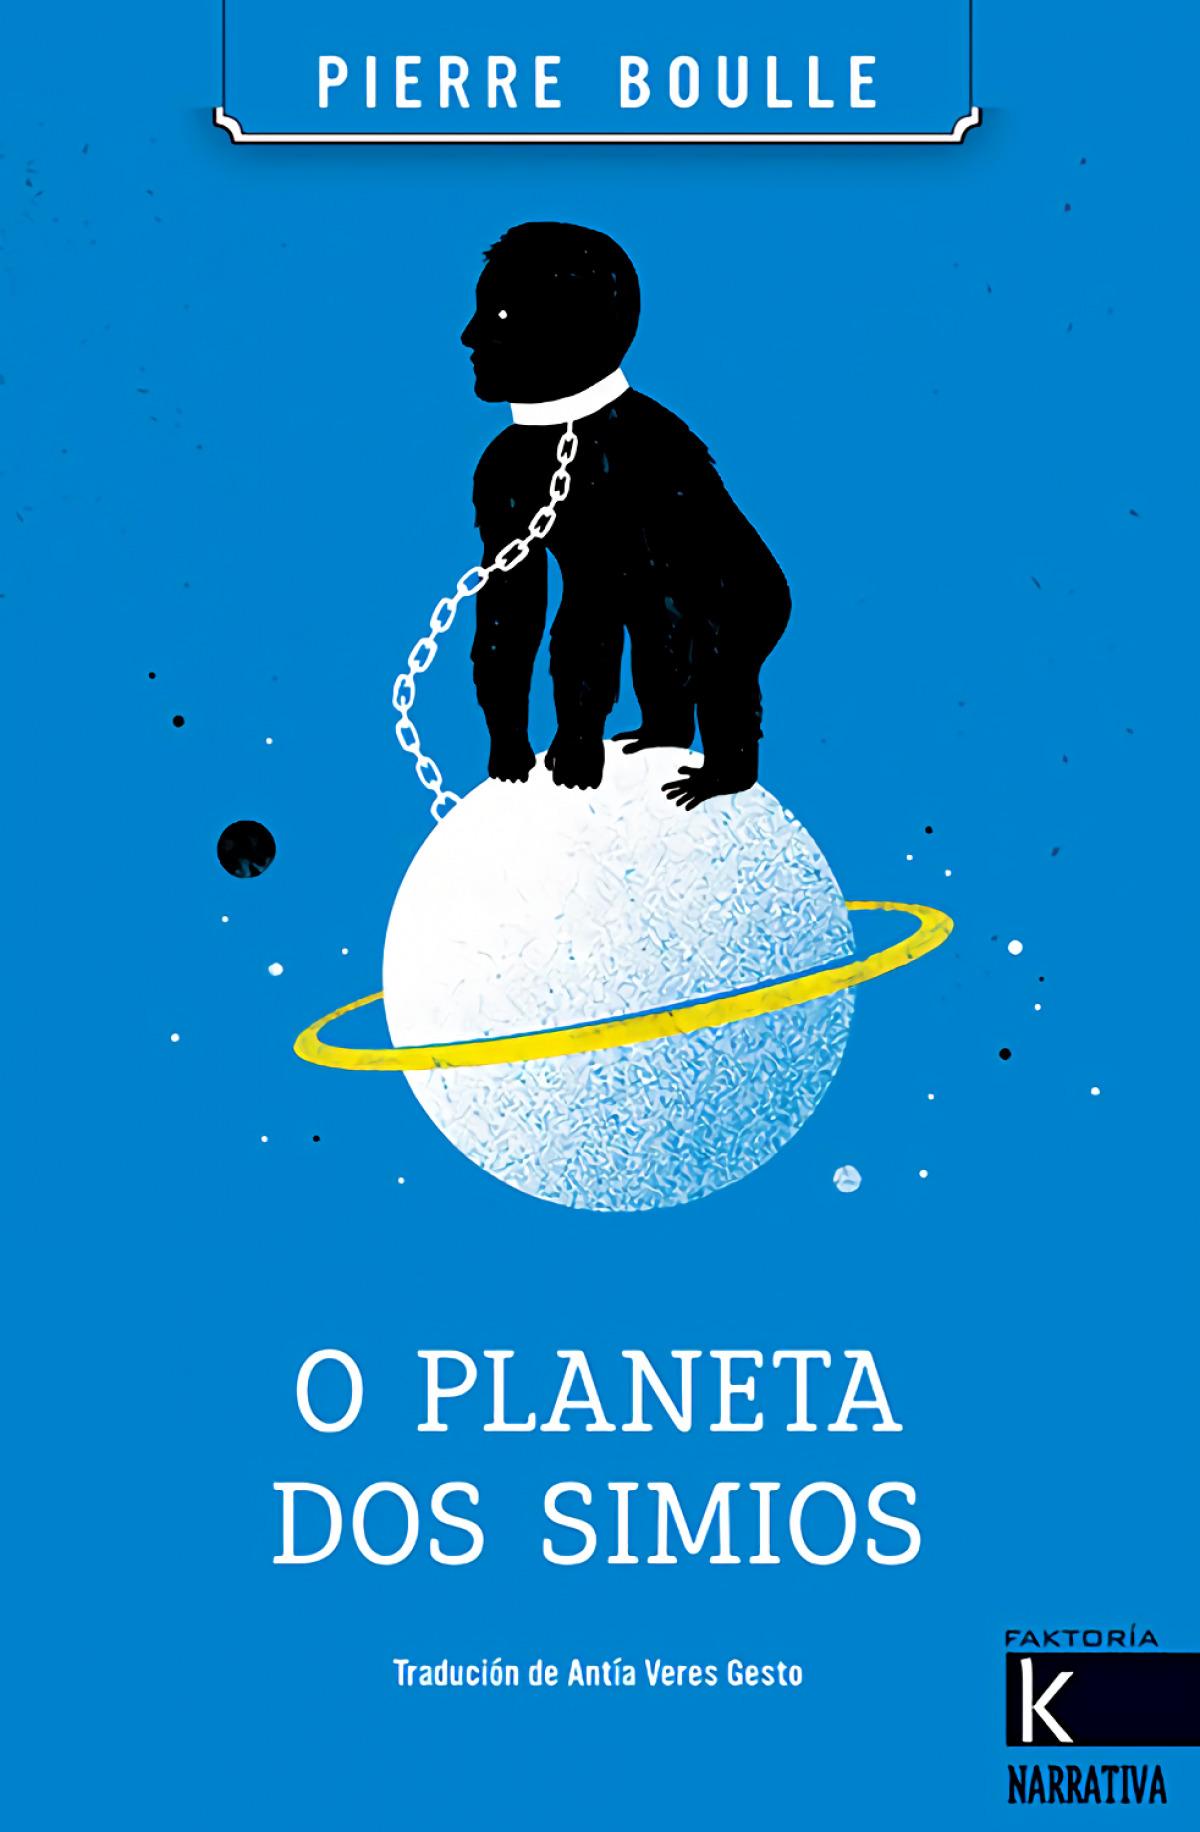 O PLANETA DOS SIMIOS 9788416721436